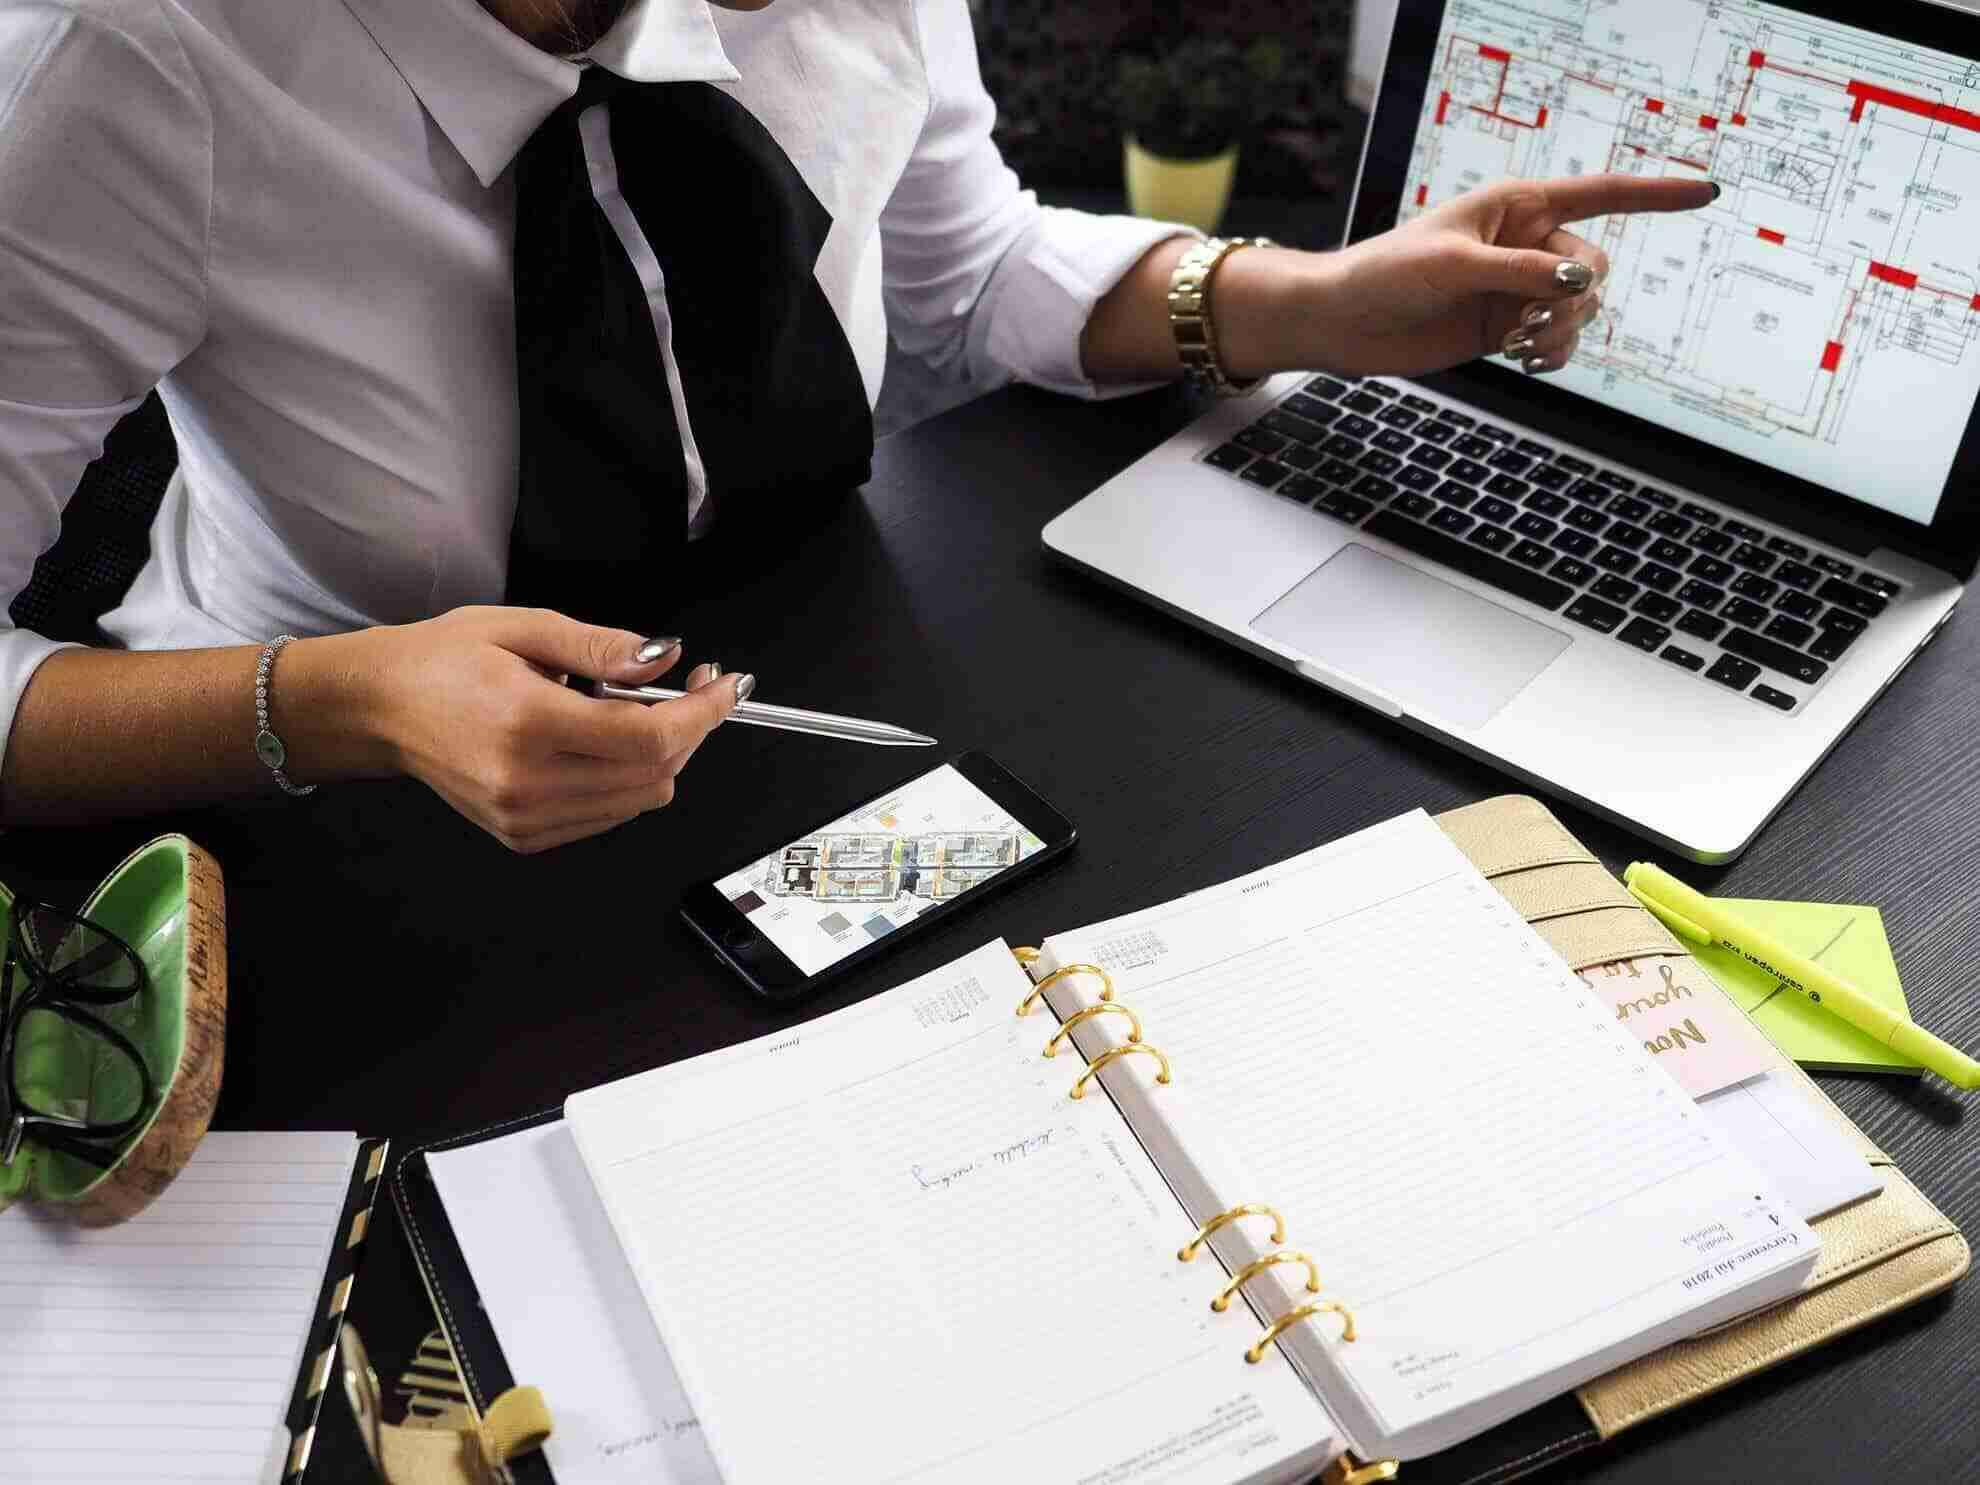 Architektin Baufinanzierung Immobilienfinanzierung Immobilienkredit